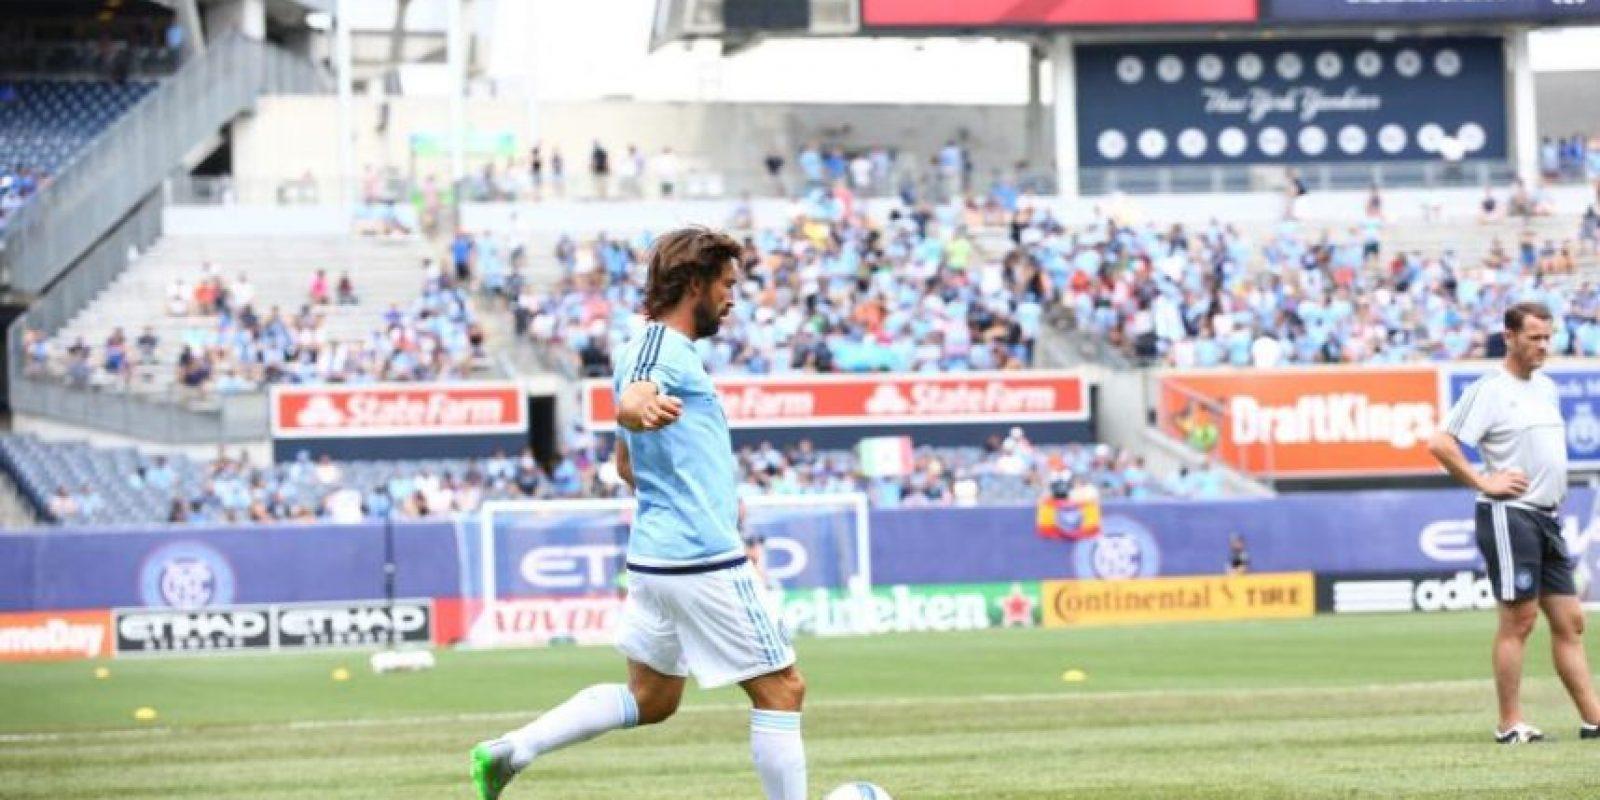 El partido terminó 5-3 a favor del equipo de Pirlo. Foto:Vía facebook.com/newyorkcityfc